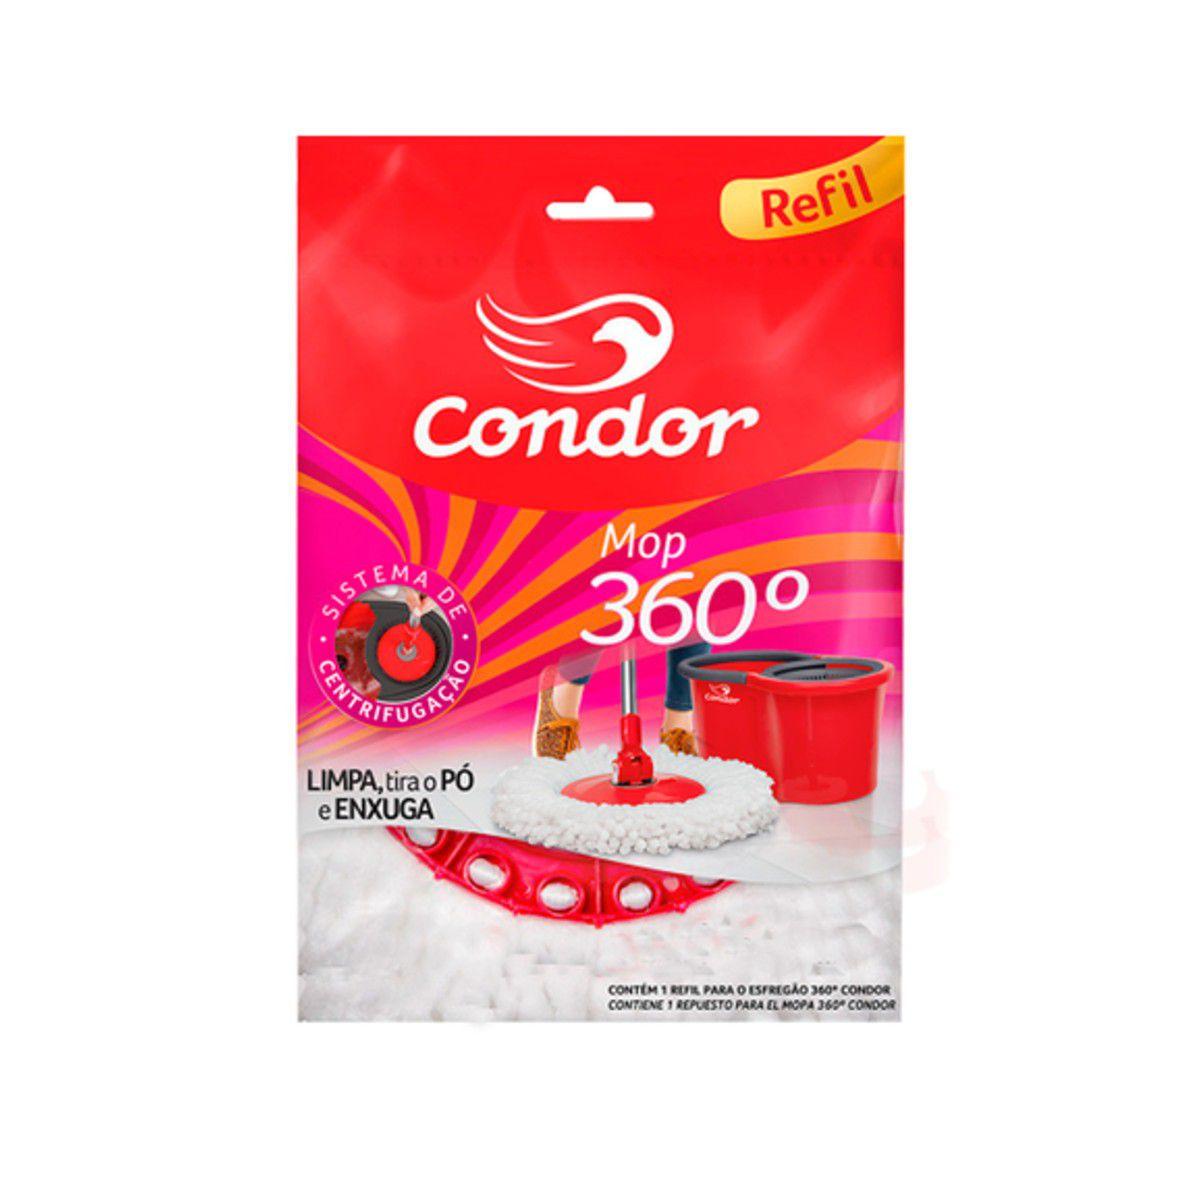 Refil Avulso Esfregão 360° Condor